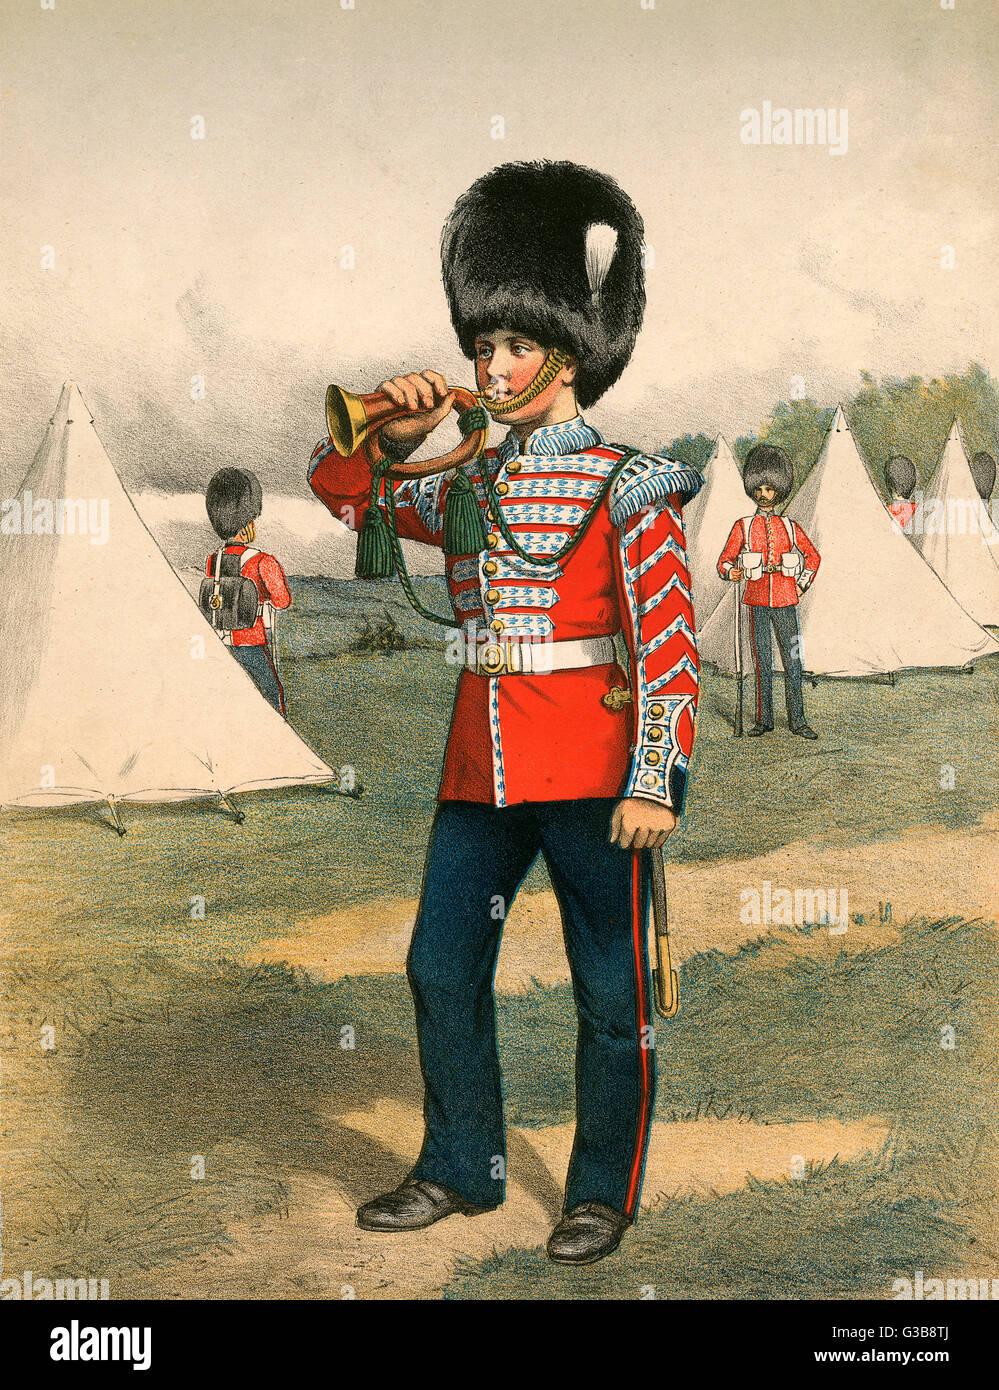 Une armée rouses clairon ses camarades dans un camp militaire. Date: vers 1870 Photo Stock